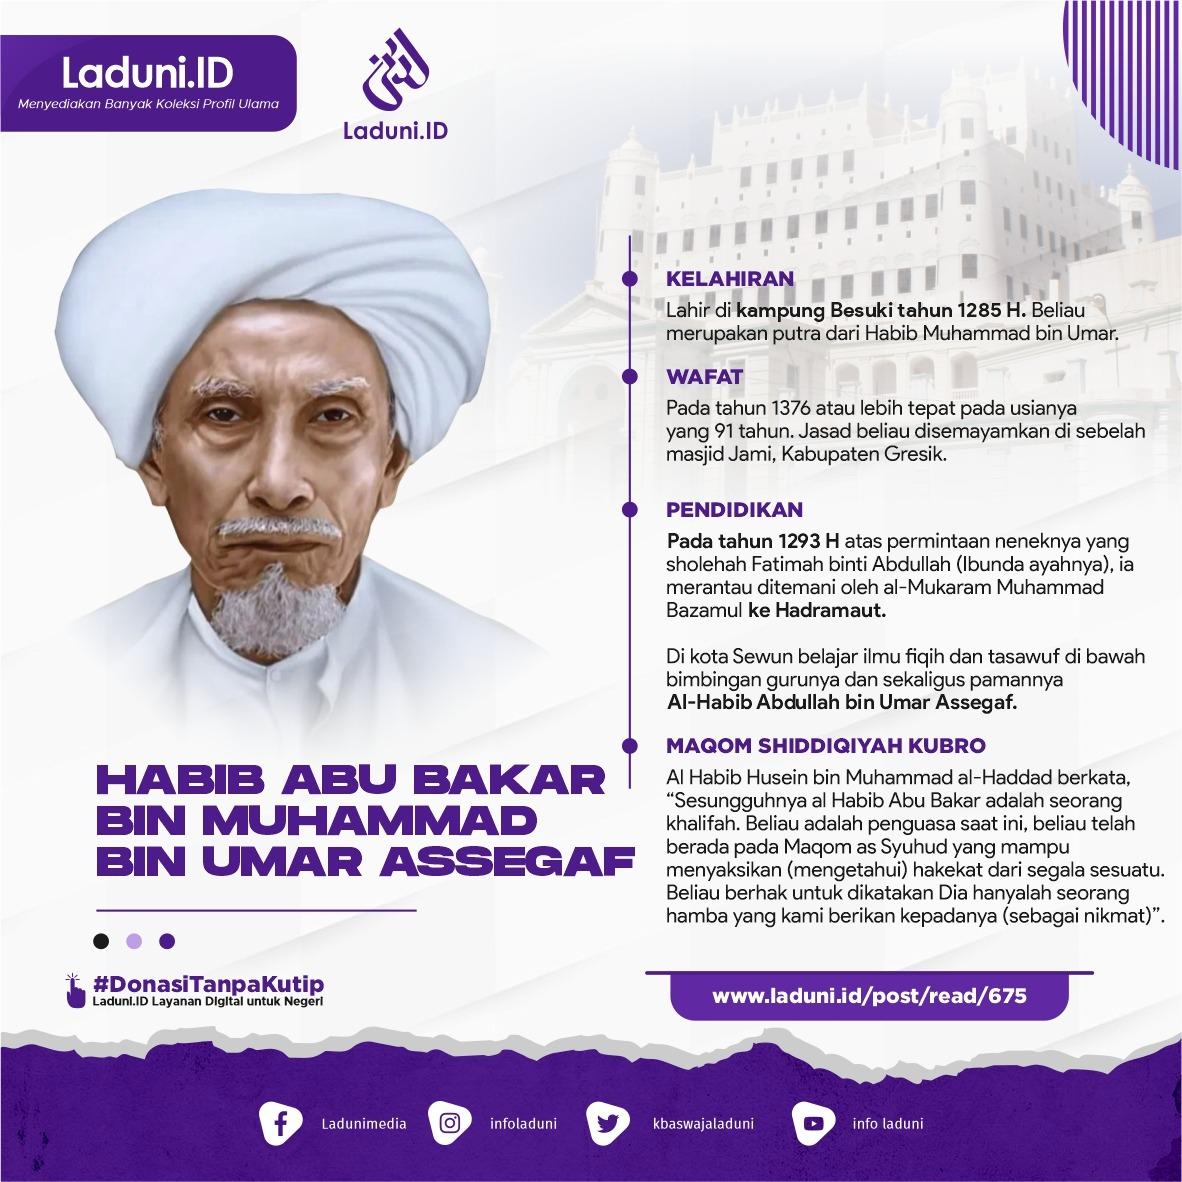 Biografi Habib Abu Bakar bin Muhammad bin Umar Assegaf